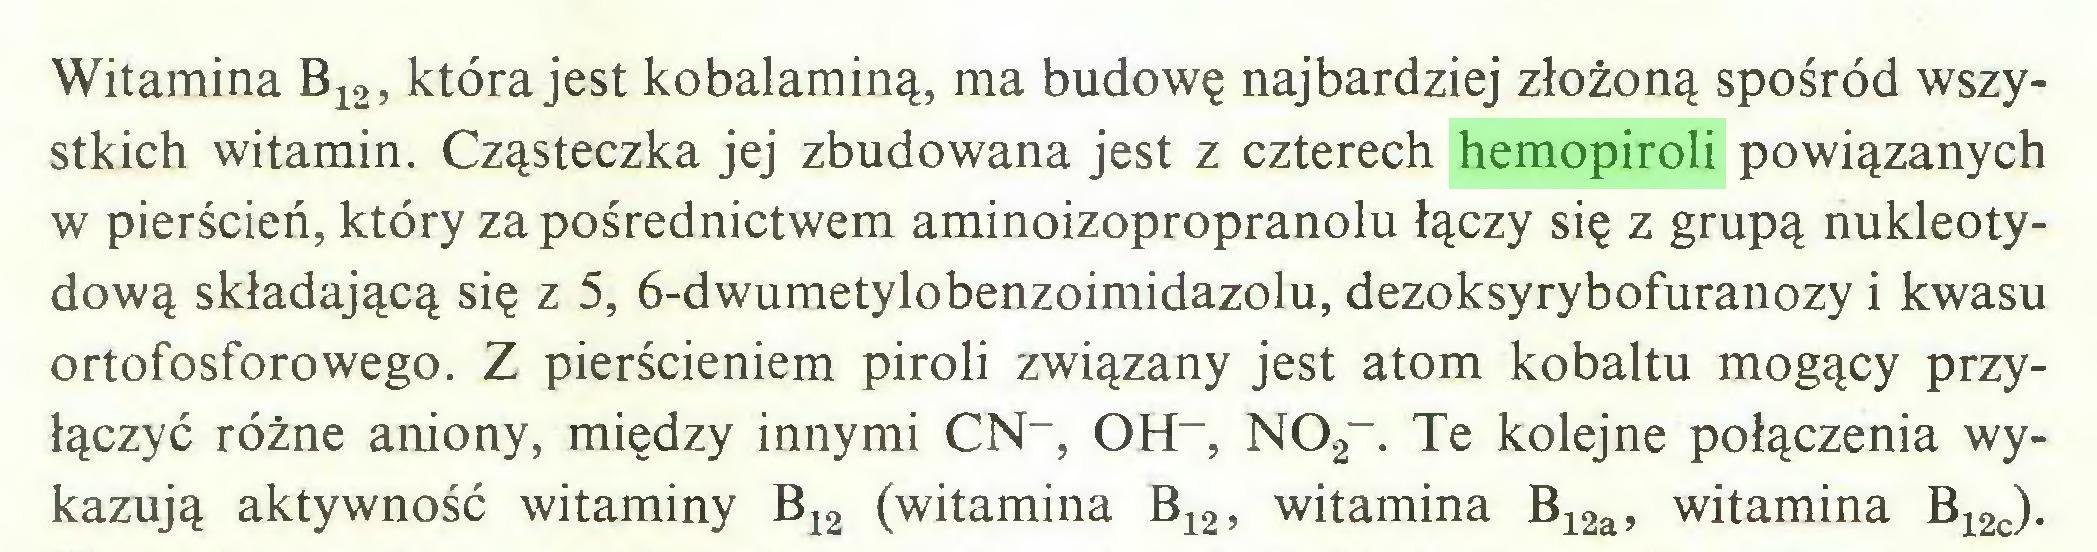 (...) Witamina B12, która jest kobalaminą, ma budowę najbardziej złożoną spośród wszystkich witamin. Cząsteczka jej zbudowana jest z czterech hemopiroli powiązanych w pierścień, który za pośrednictwem aminoizopropranolu łączy się z grupą nukleotydową składającą się z 5, 6-dwumetylobenzoimidazolu, dezoksyrybofuranozy i kwasu ortofosforowego. Z pierścieniem piroli związany jest atom kobaltu mogący przyłączyć różne aniony, między innymi CN-, OH-, N02-. Te kolejne połączenia wykazują aktywność witaminy B12 (witamina B12, witamina B12a, witamina B12c)...